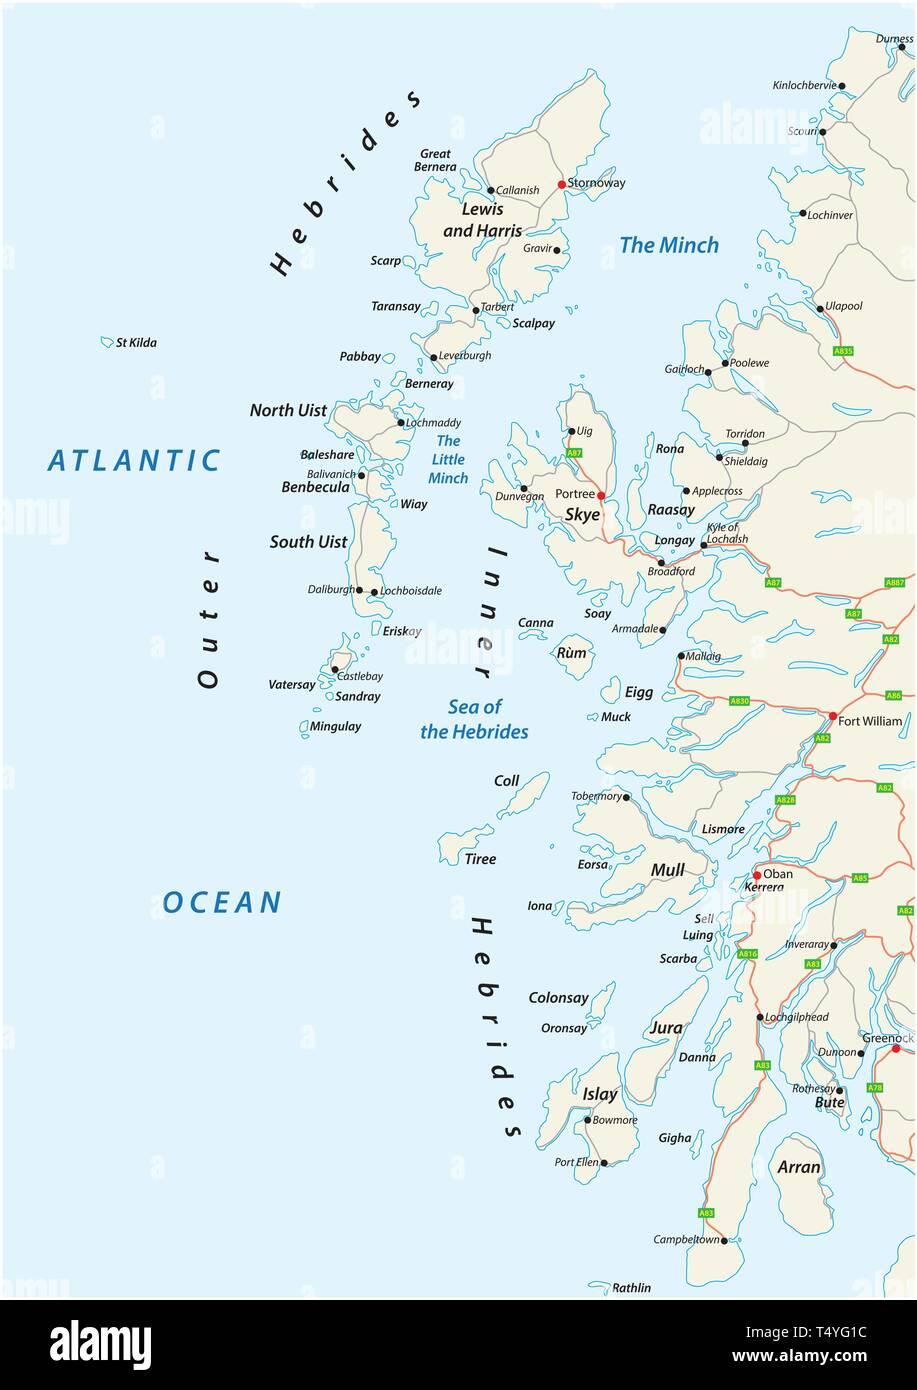 Cartina Stradale Della Scozia.Vettore Mappa Stradale Di Arcipelago Scozzese Ebridi Presso La Costa Nord Occidentale Della Scozia Immagine E Vettoriale Alamy